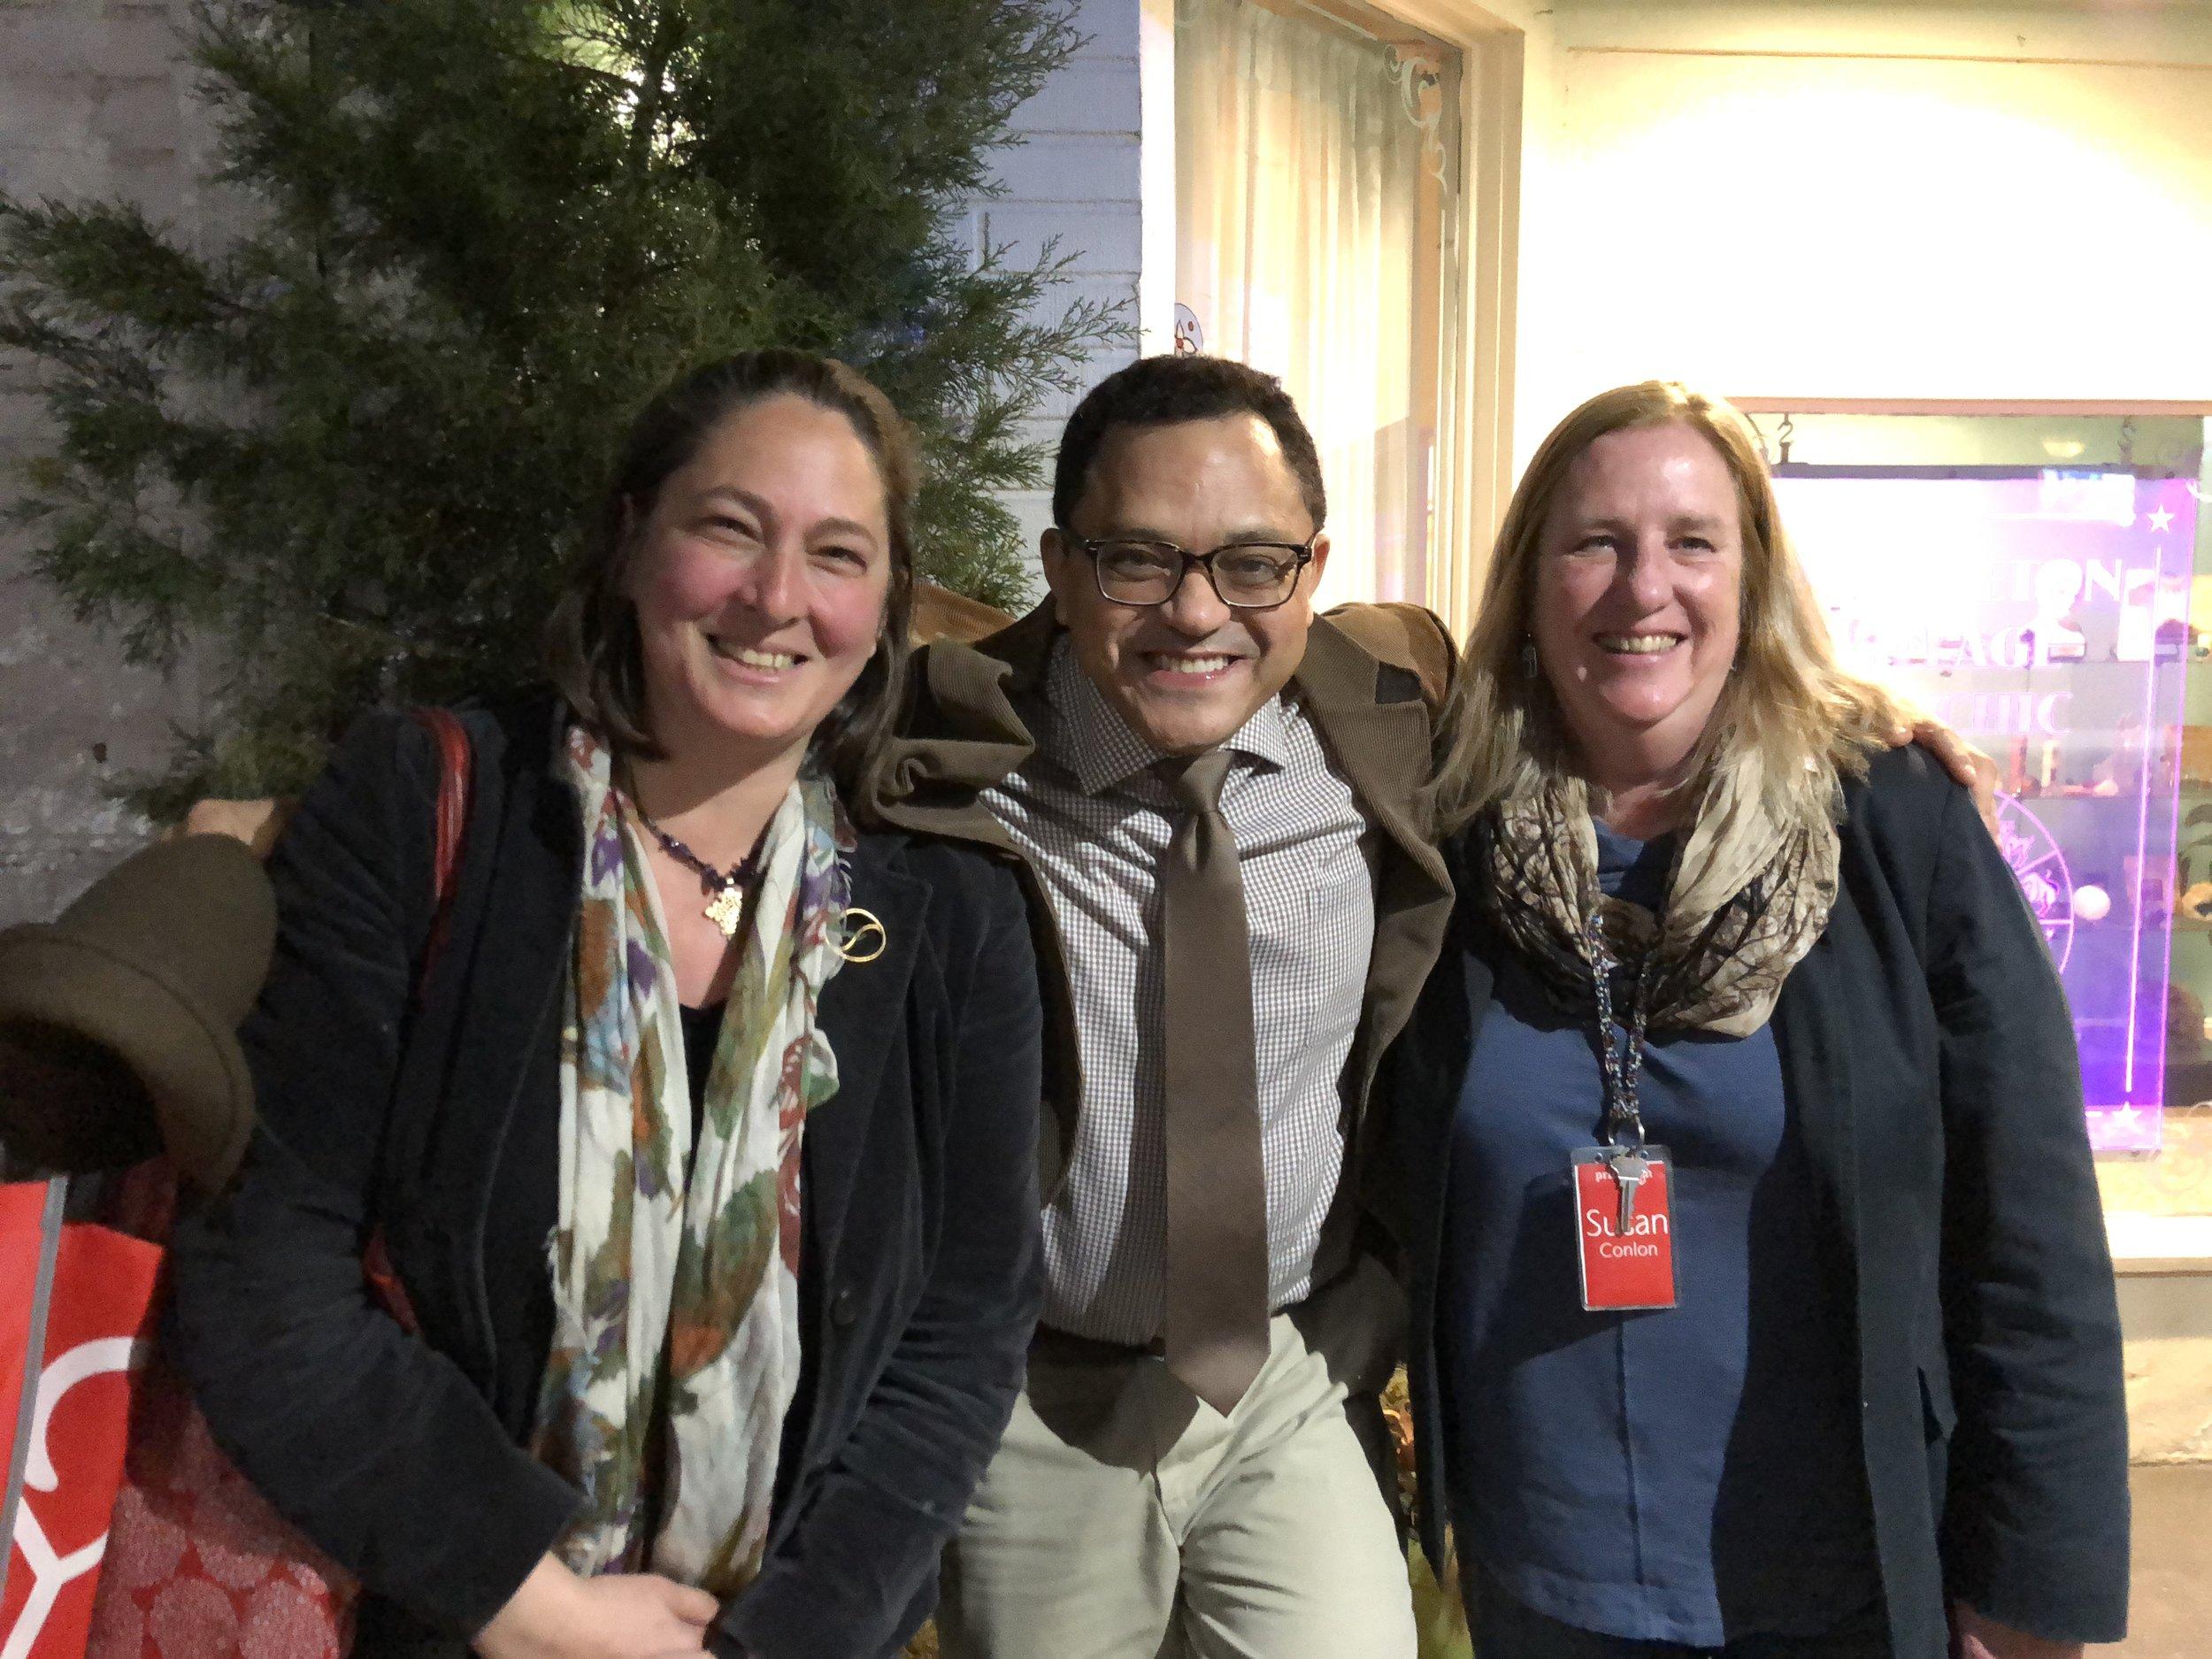 Marcos Colón e Kim Dorman (esquerda) e Susan Conlon (direita) diretoras do Princeton Environment Film Festival during the event.